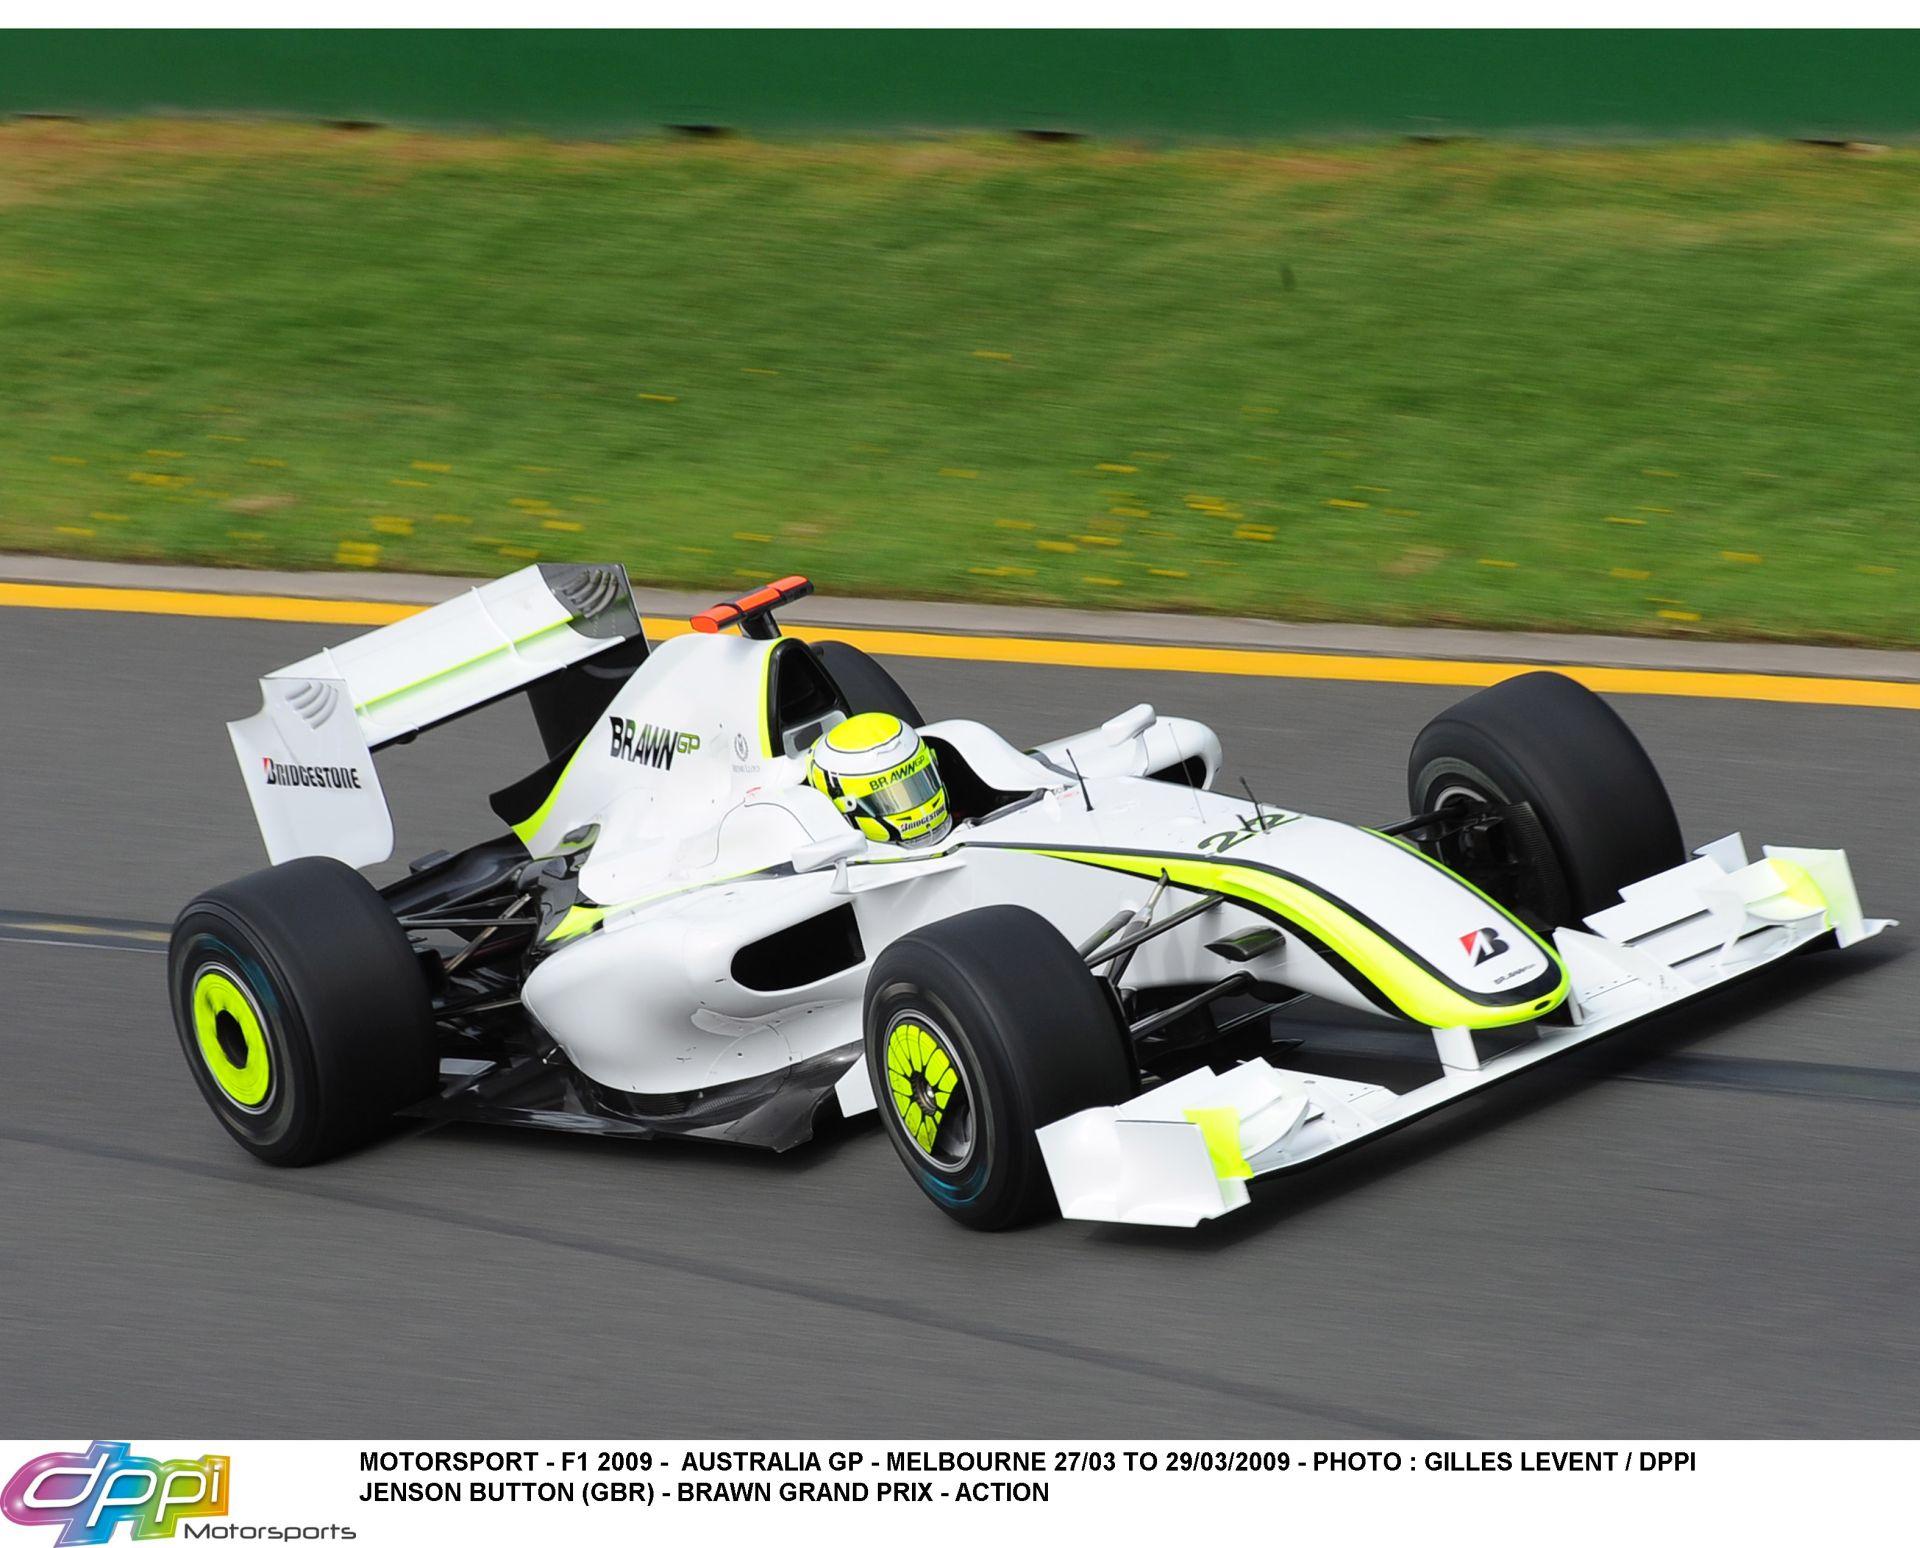 Egy F1-es autó, mely sokkolta a világot: Brawn GP